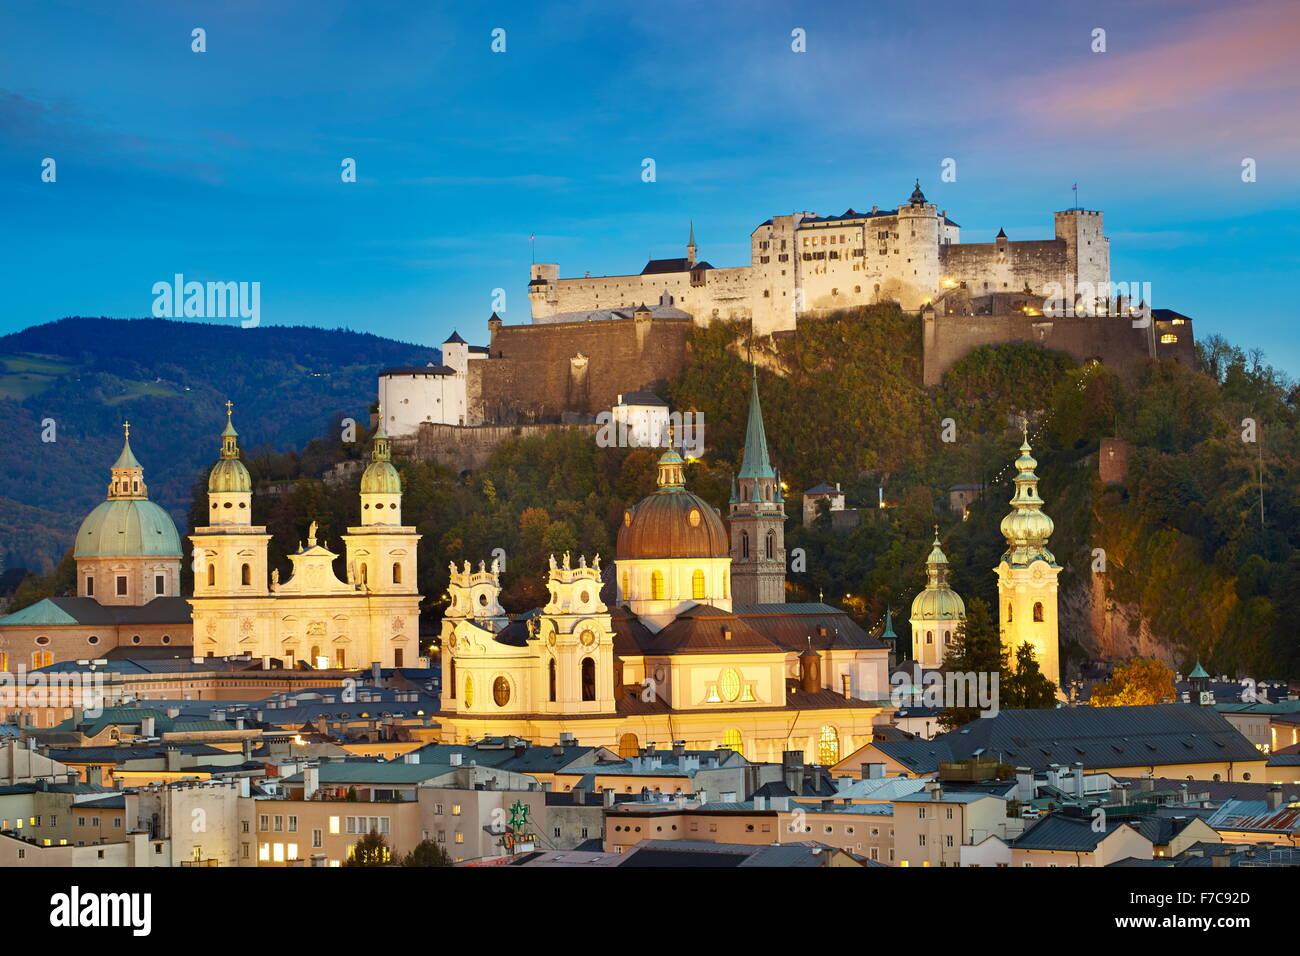 Vista aerea della città vecchia di Salisburgo, il castello visibile in background, Austria Immagini Stock